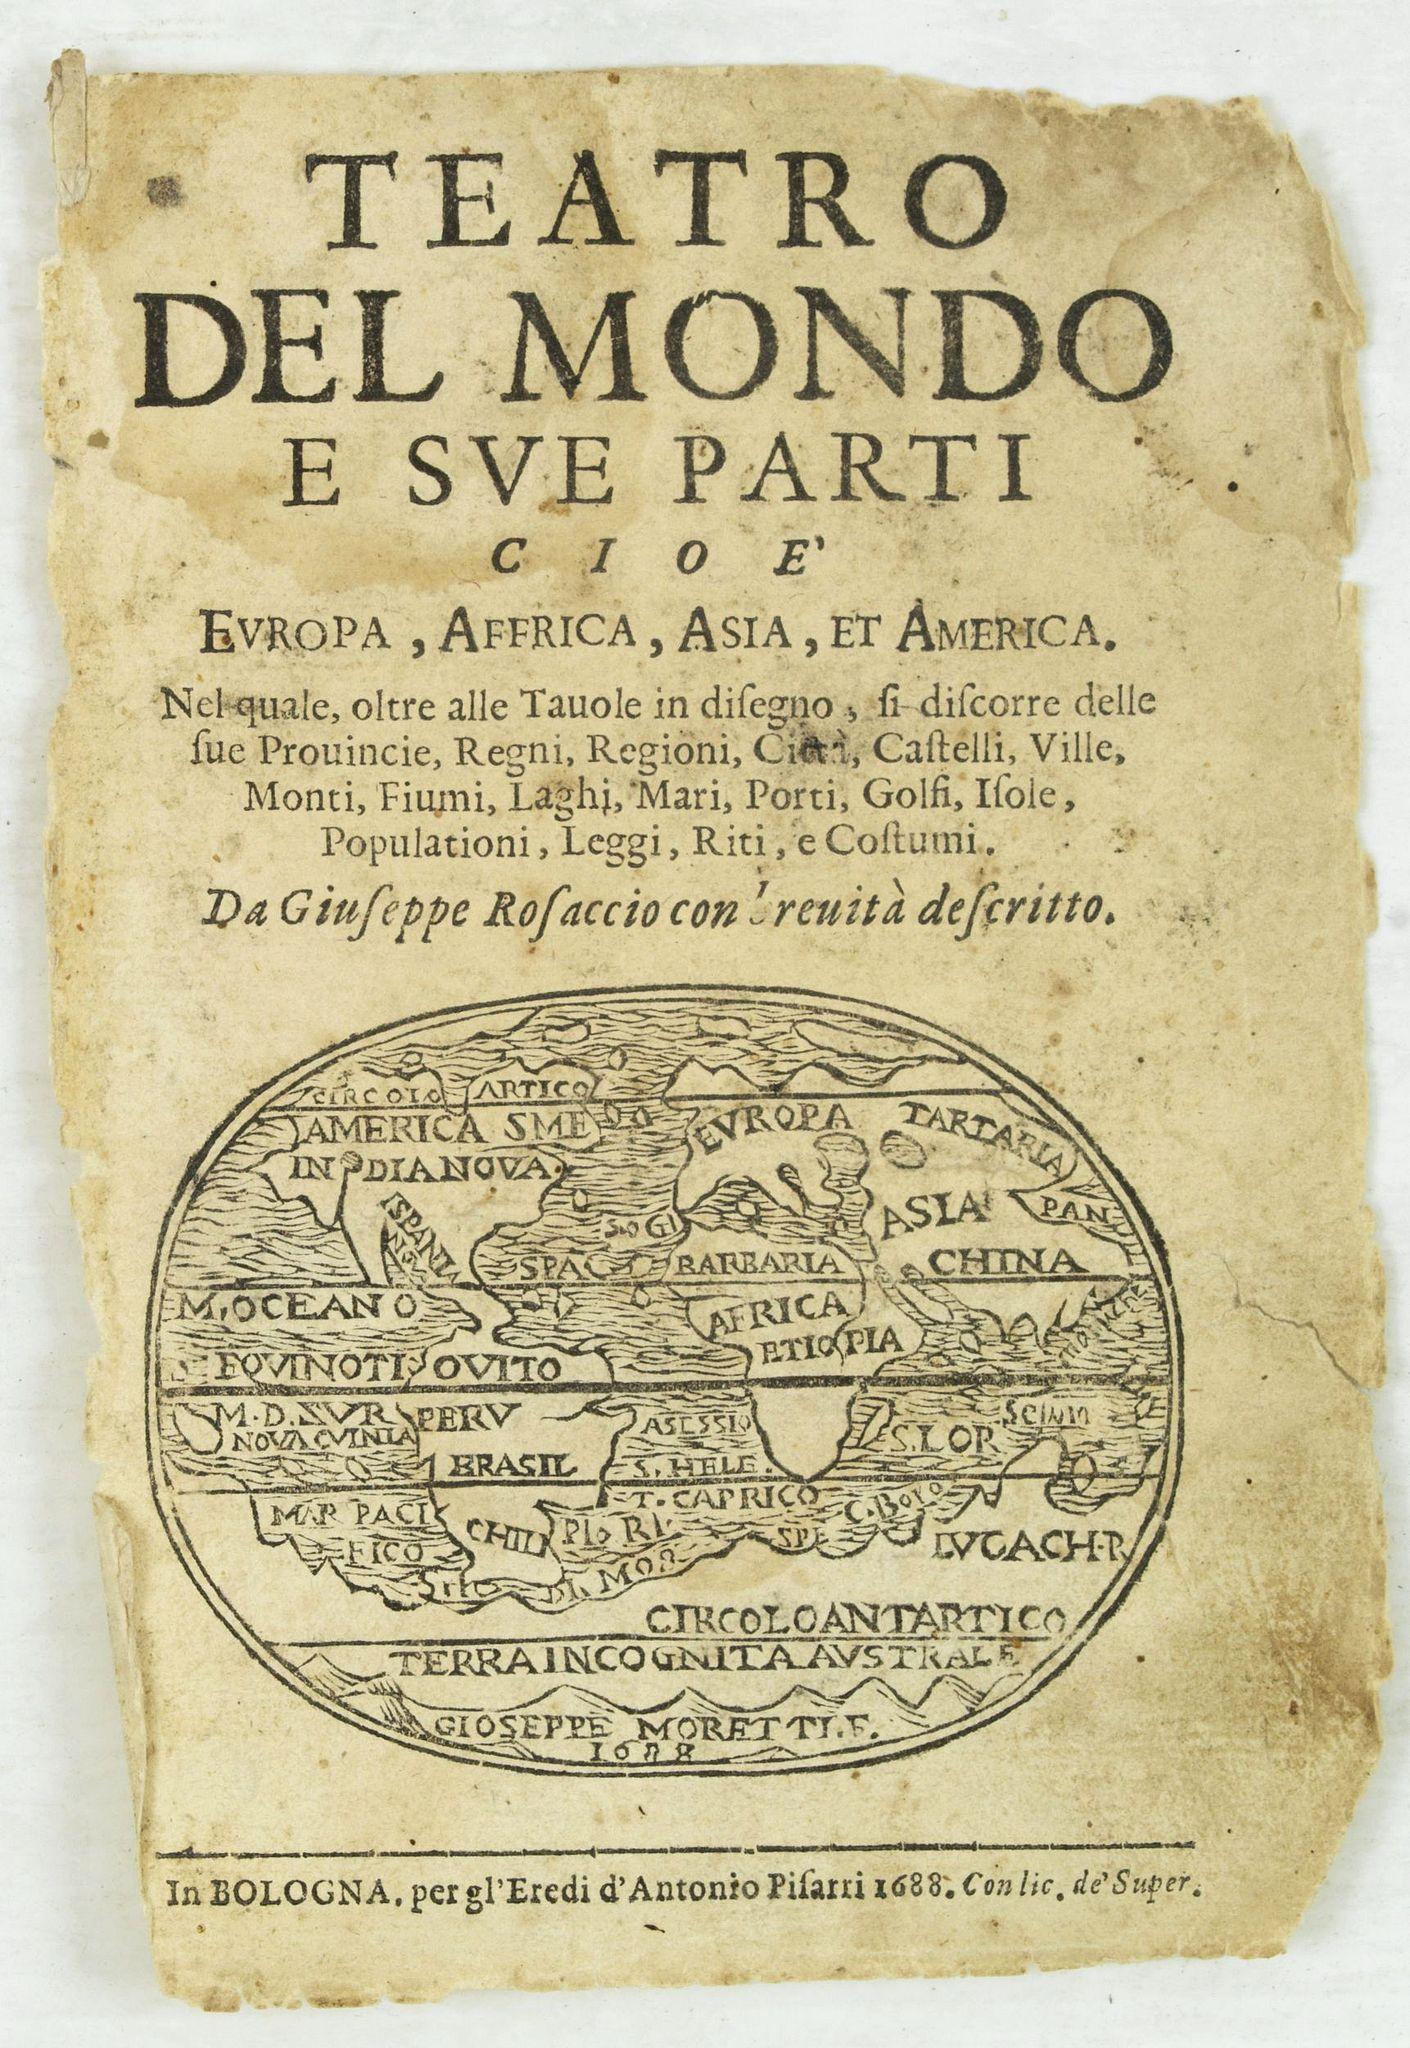 ROSACCIO, G. -  [Title page ] Teatro del Mondo e sue parti cioe' Europe, Africa, Asia, et America,. .